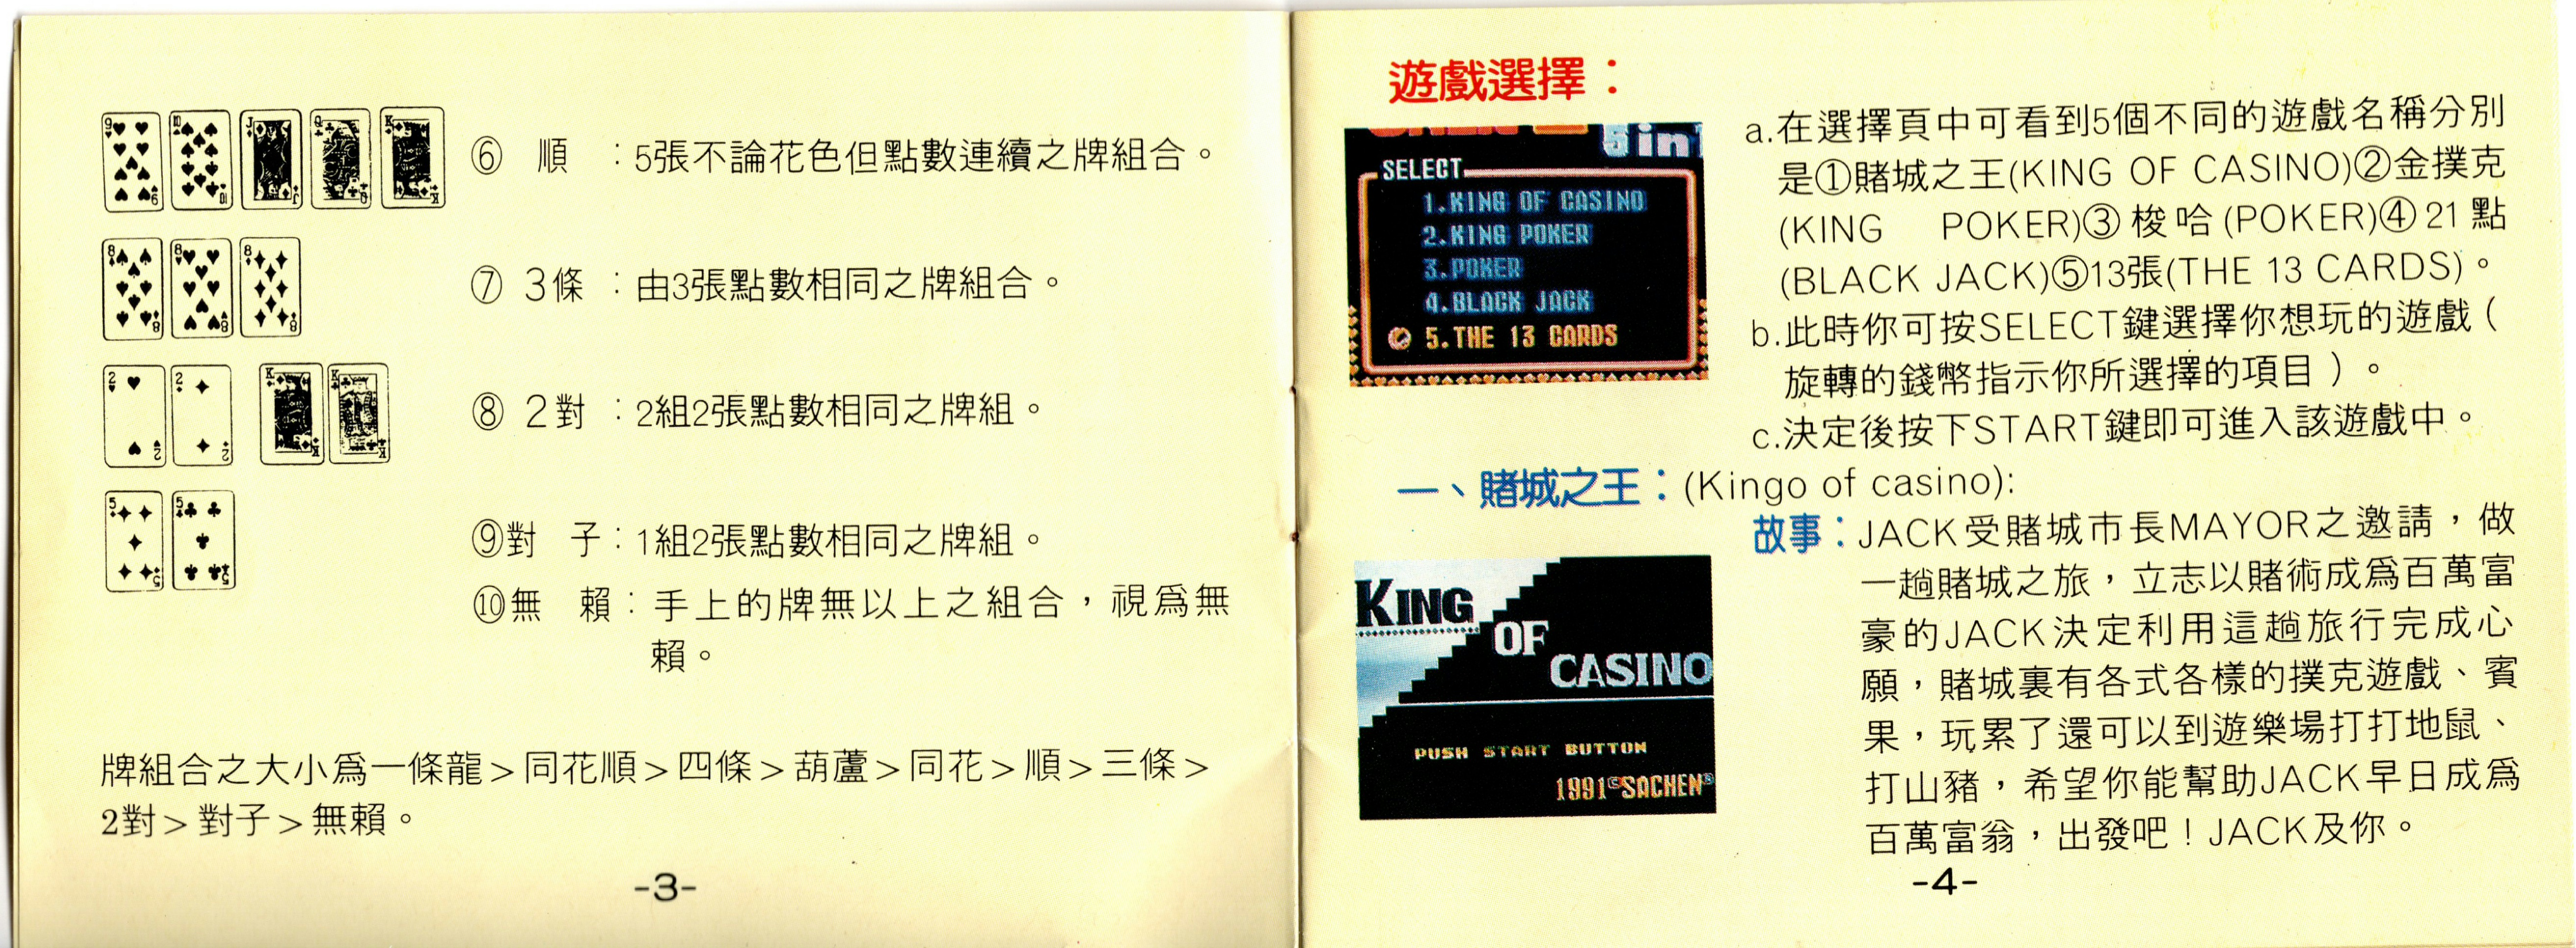 File:3.jpg